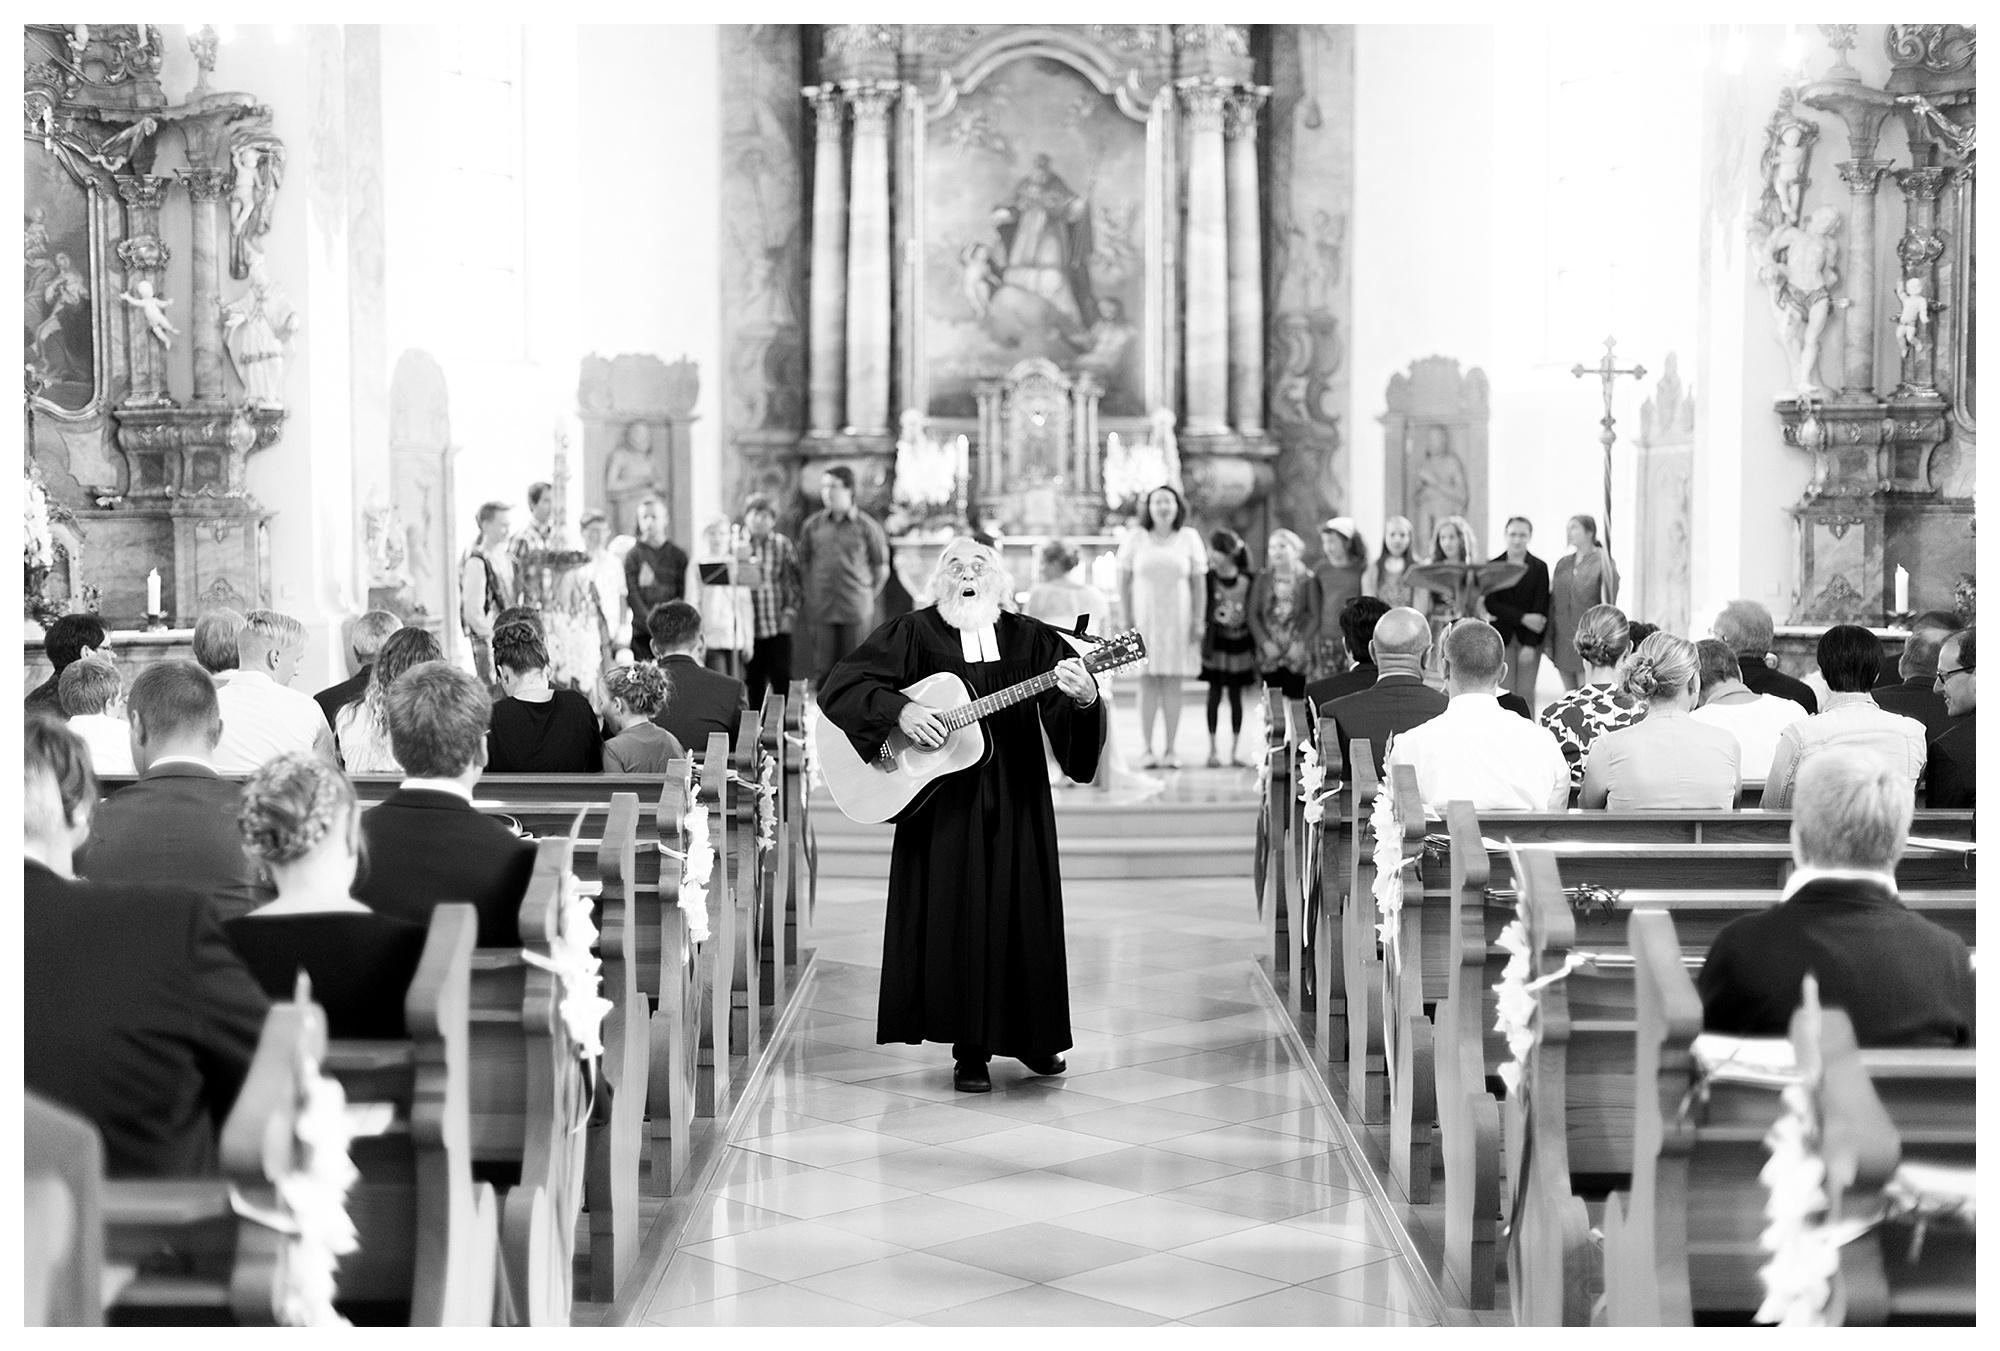 Fotograf Konstanz - Best of 2014 Elmar Feuerbacher Photography Hochzeit Portrait 054 - Rückblick auf 2014  - 67 -